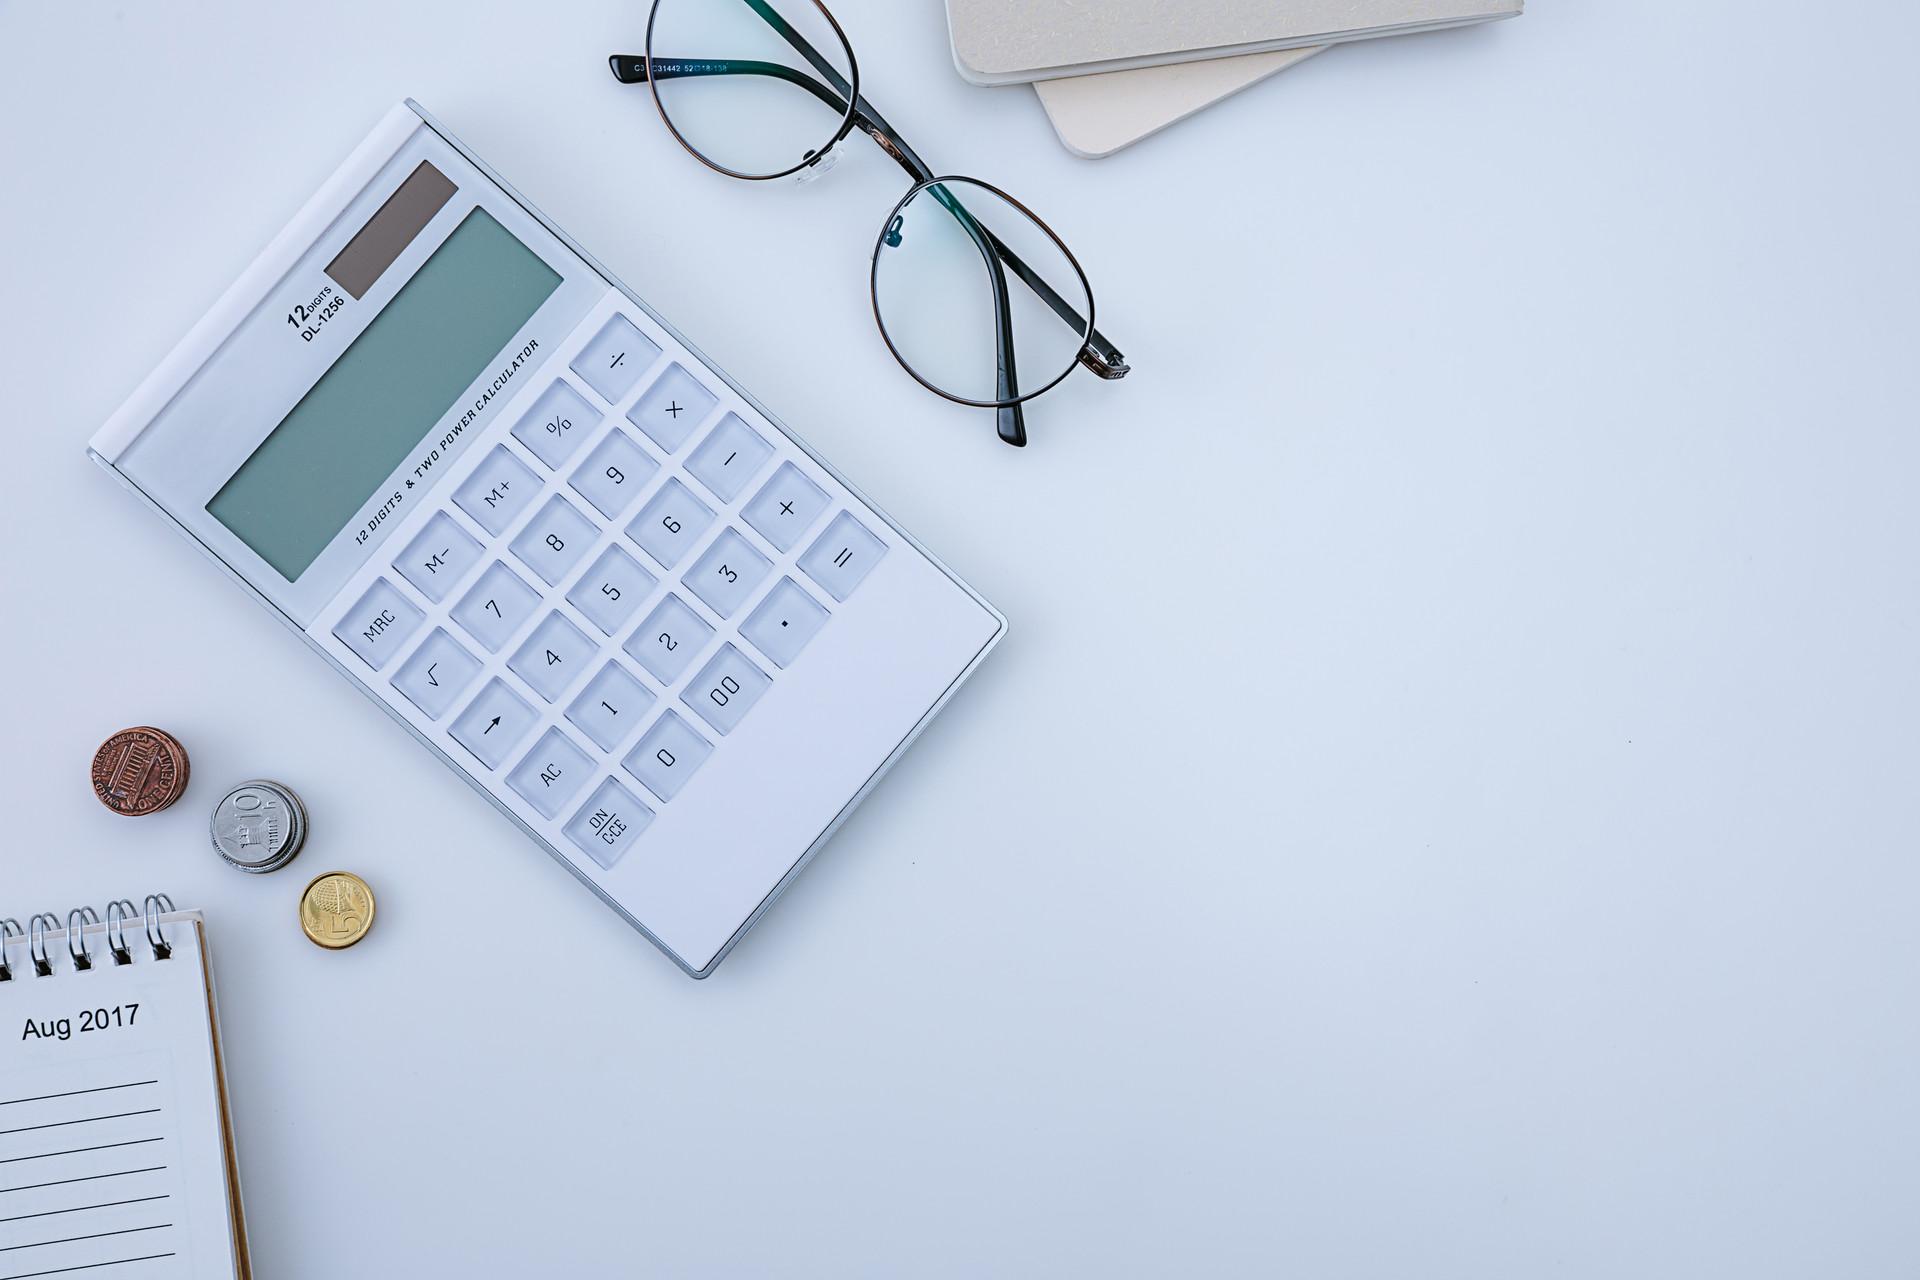 为什么要选择薪资代发企业?不选择报酬发放方式呢?